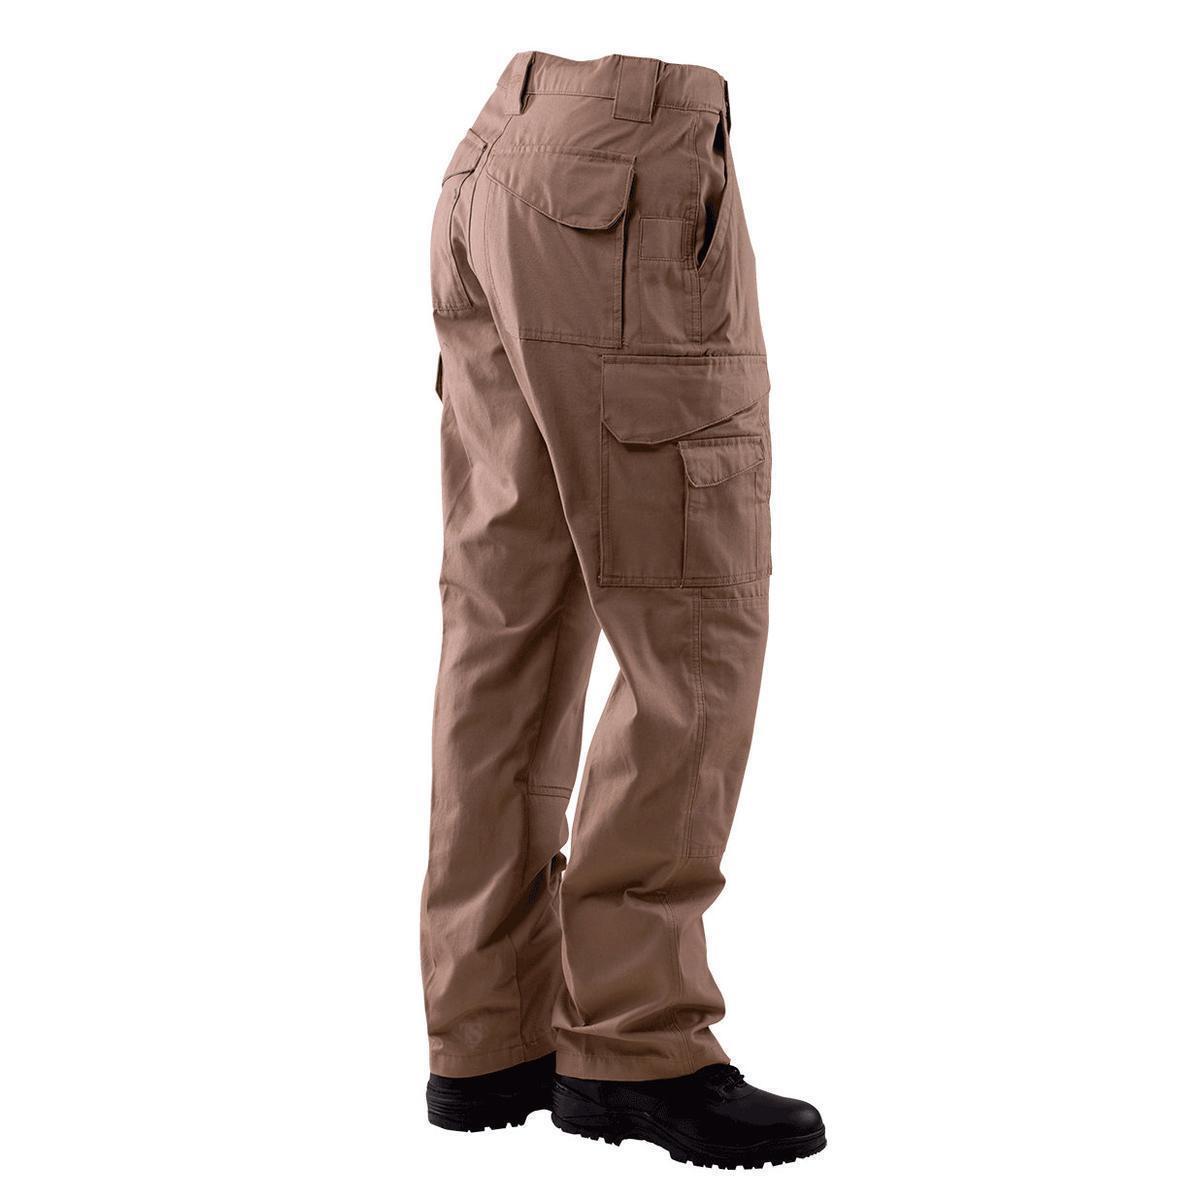 Tru-Spec Mens 24-7 Tactical Pants Navy Blue Rip-Stop Atlanco